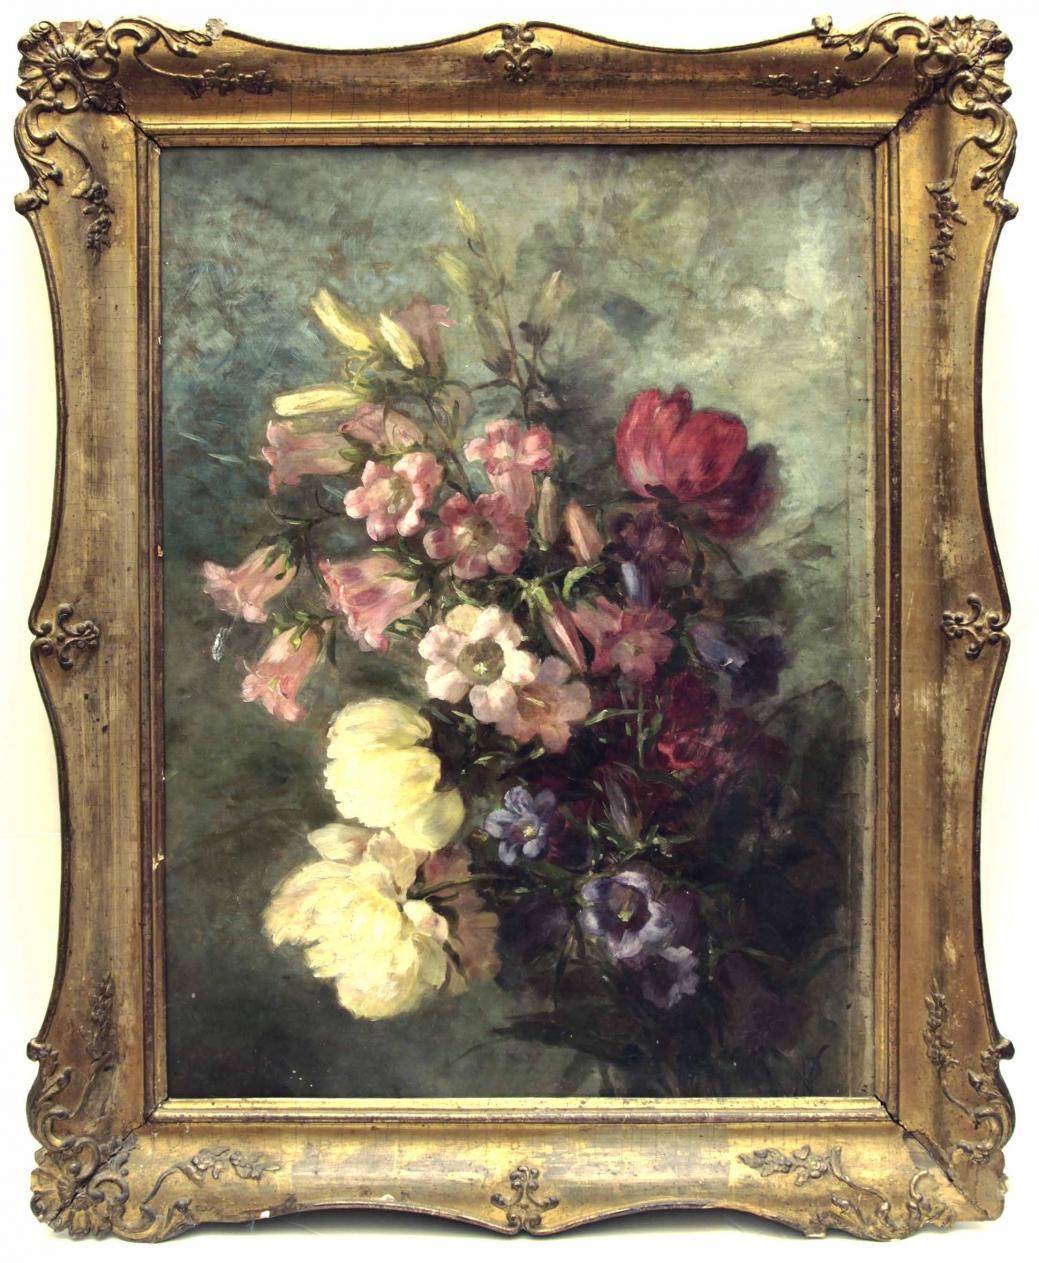 Старинный натюрморт: букет цветов. Западная Европа, конец 19 века.